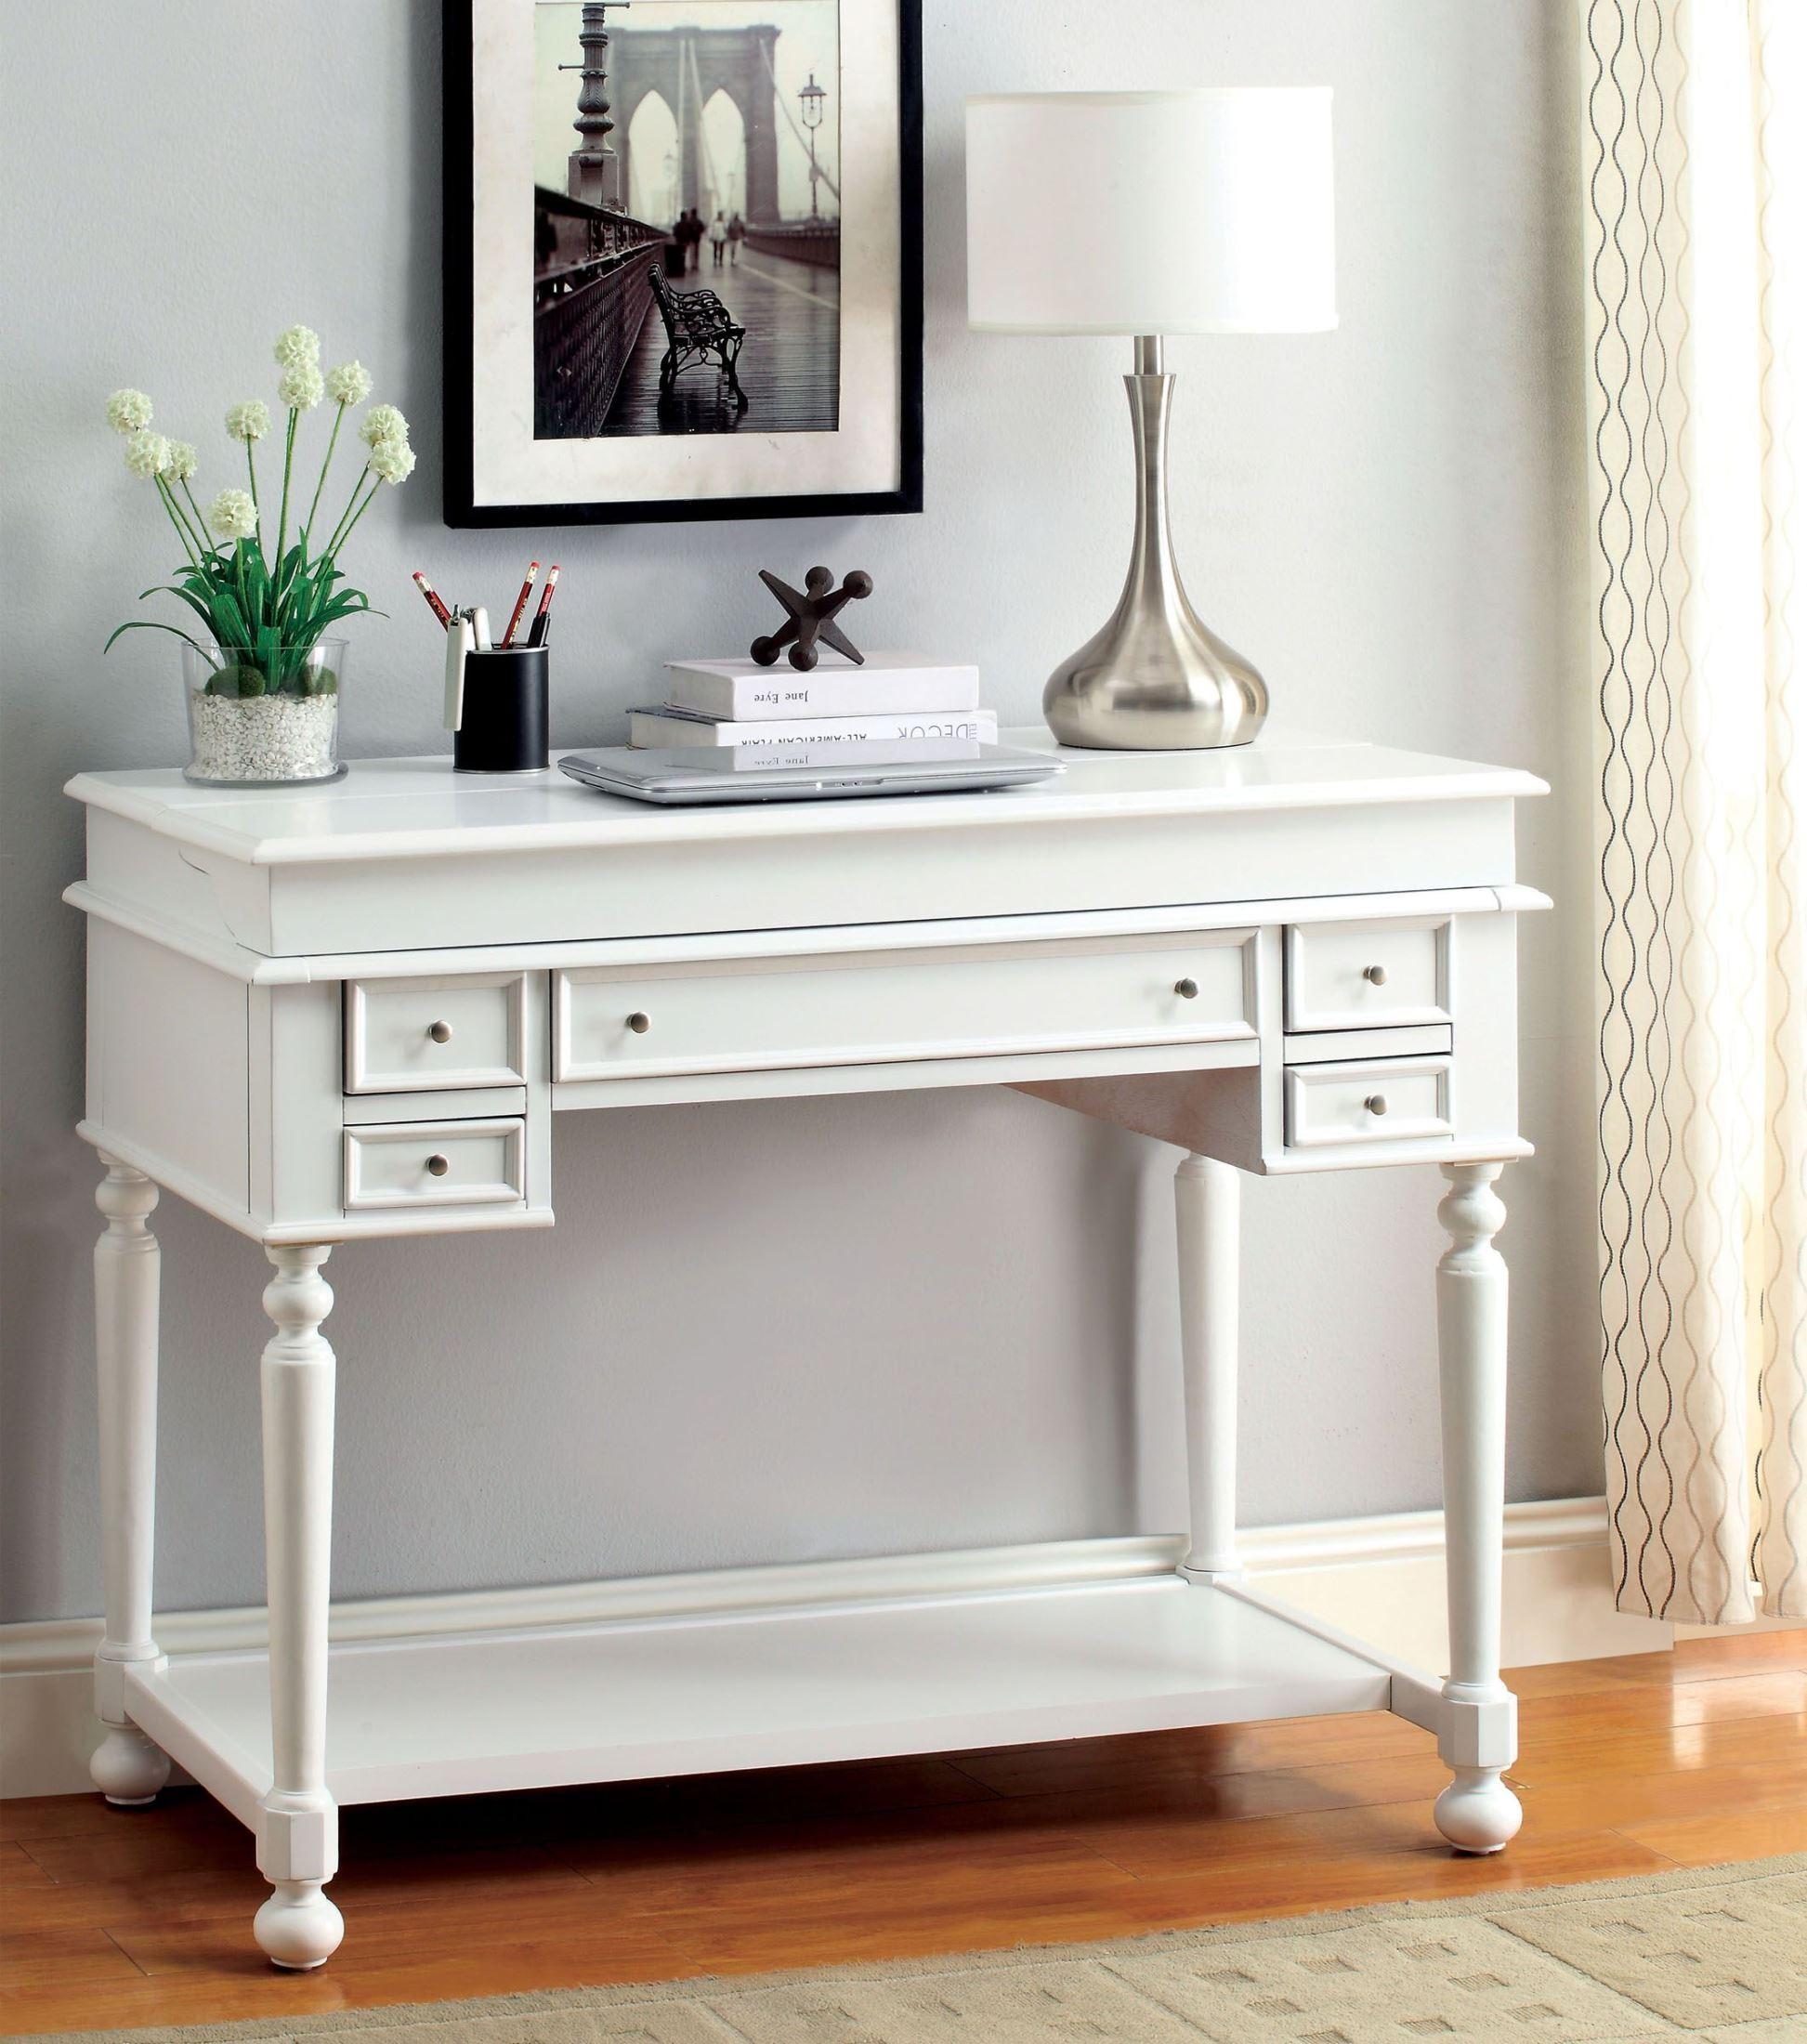 secretary drop wiki armoire secr en taire file furniture met front